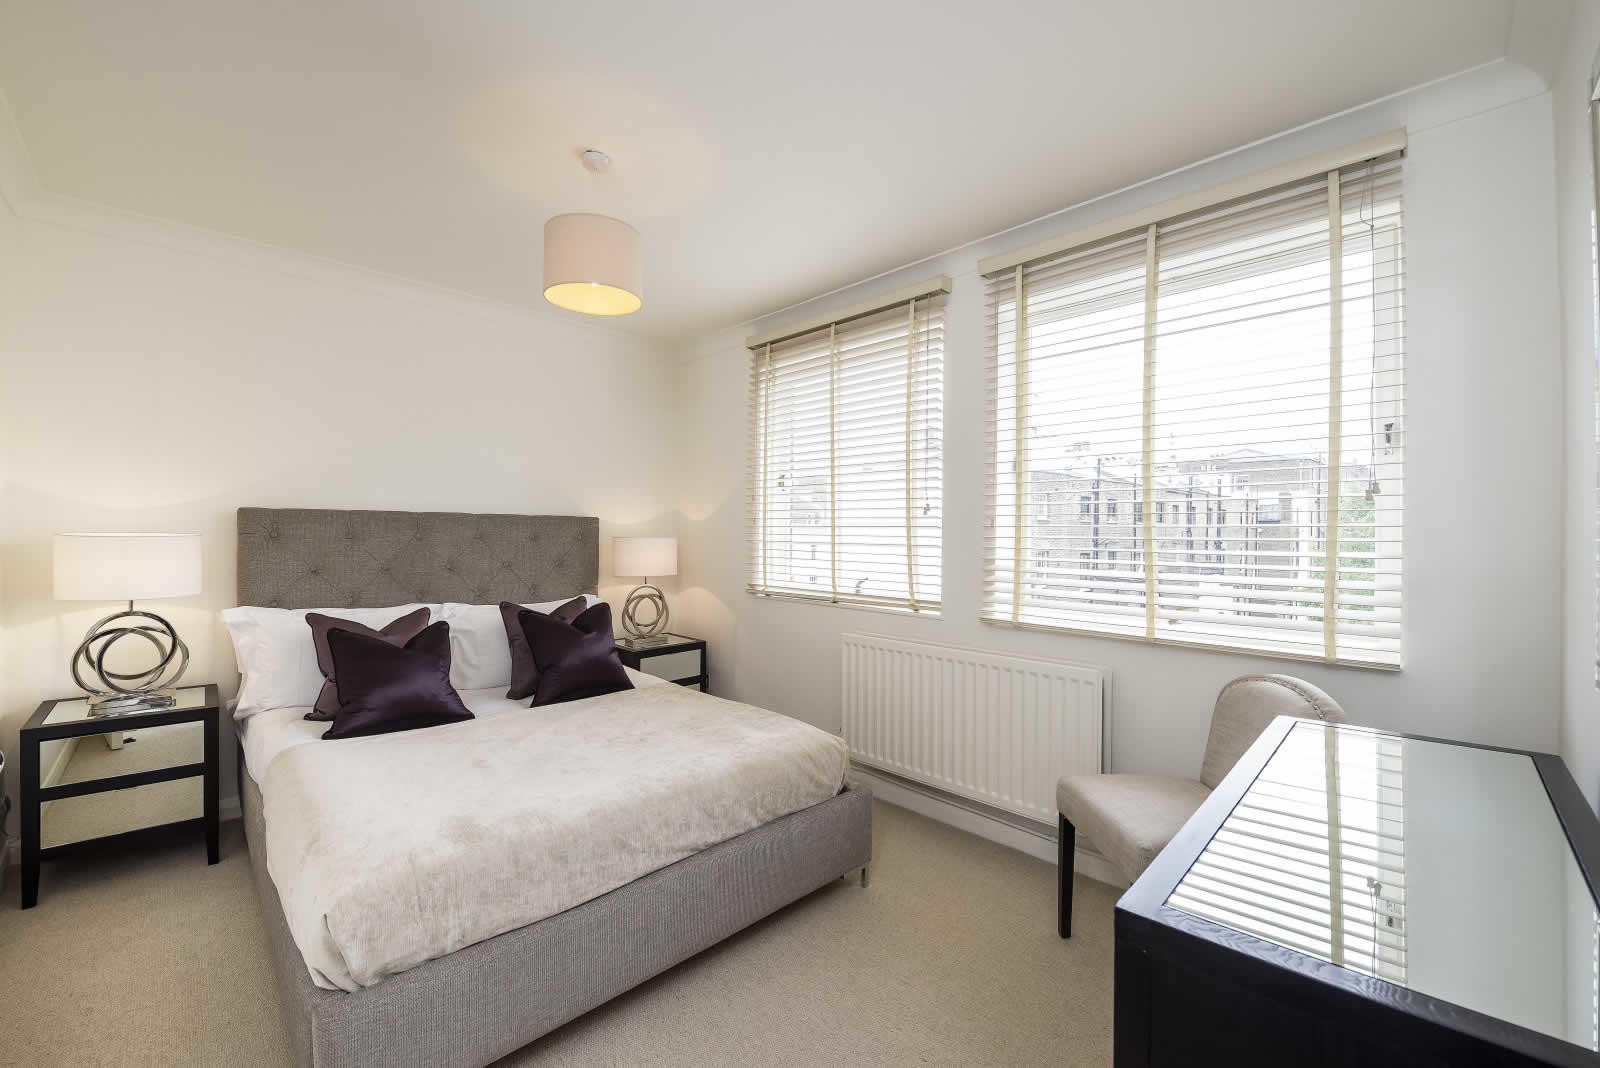 spacieux-appartement-meuble-a-louer-immeuble-prive-ascenseur-south-kensington-cuisine-ouverte-vestiaire